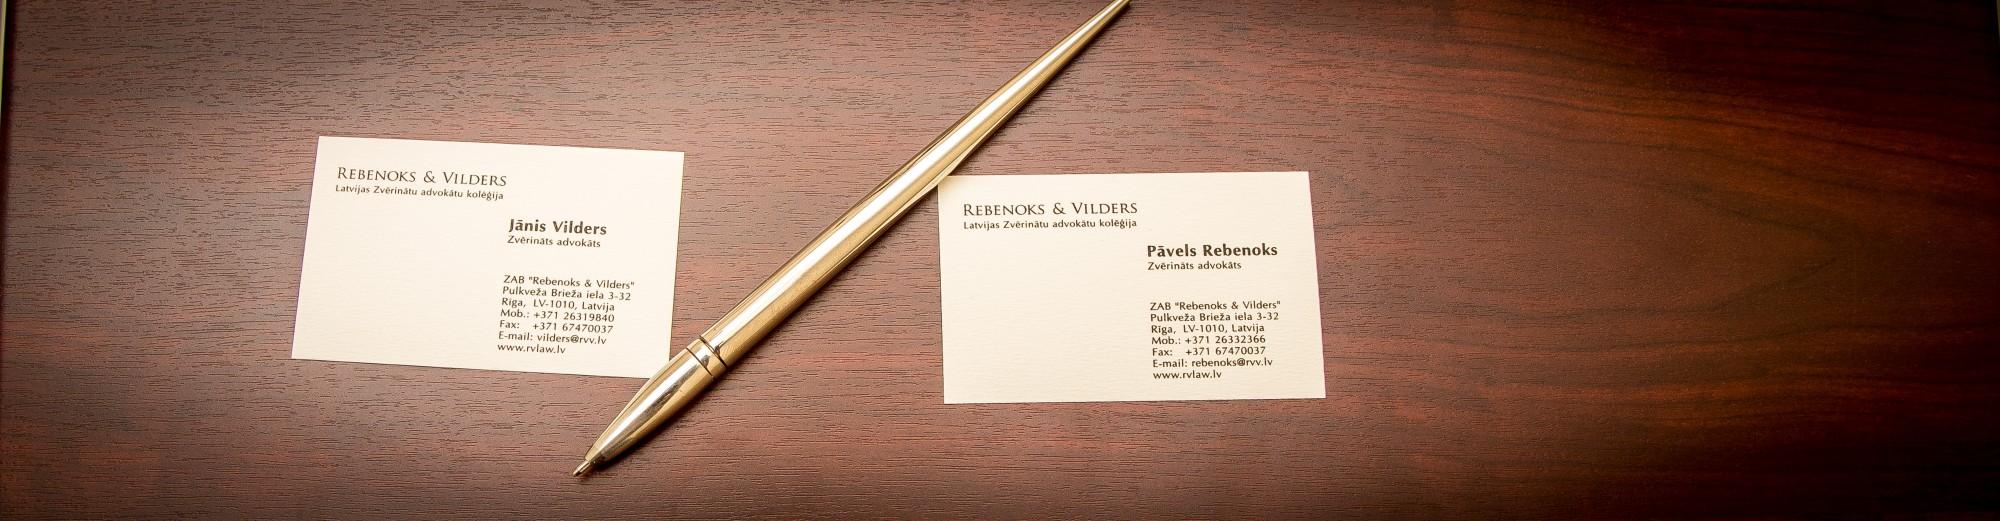 Law Firm Rebenoks & Vilders